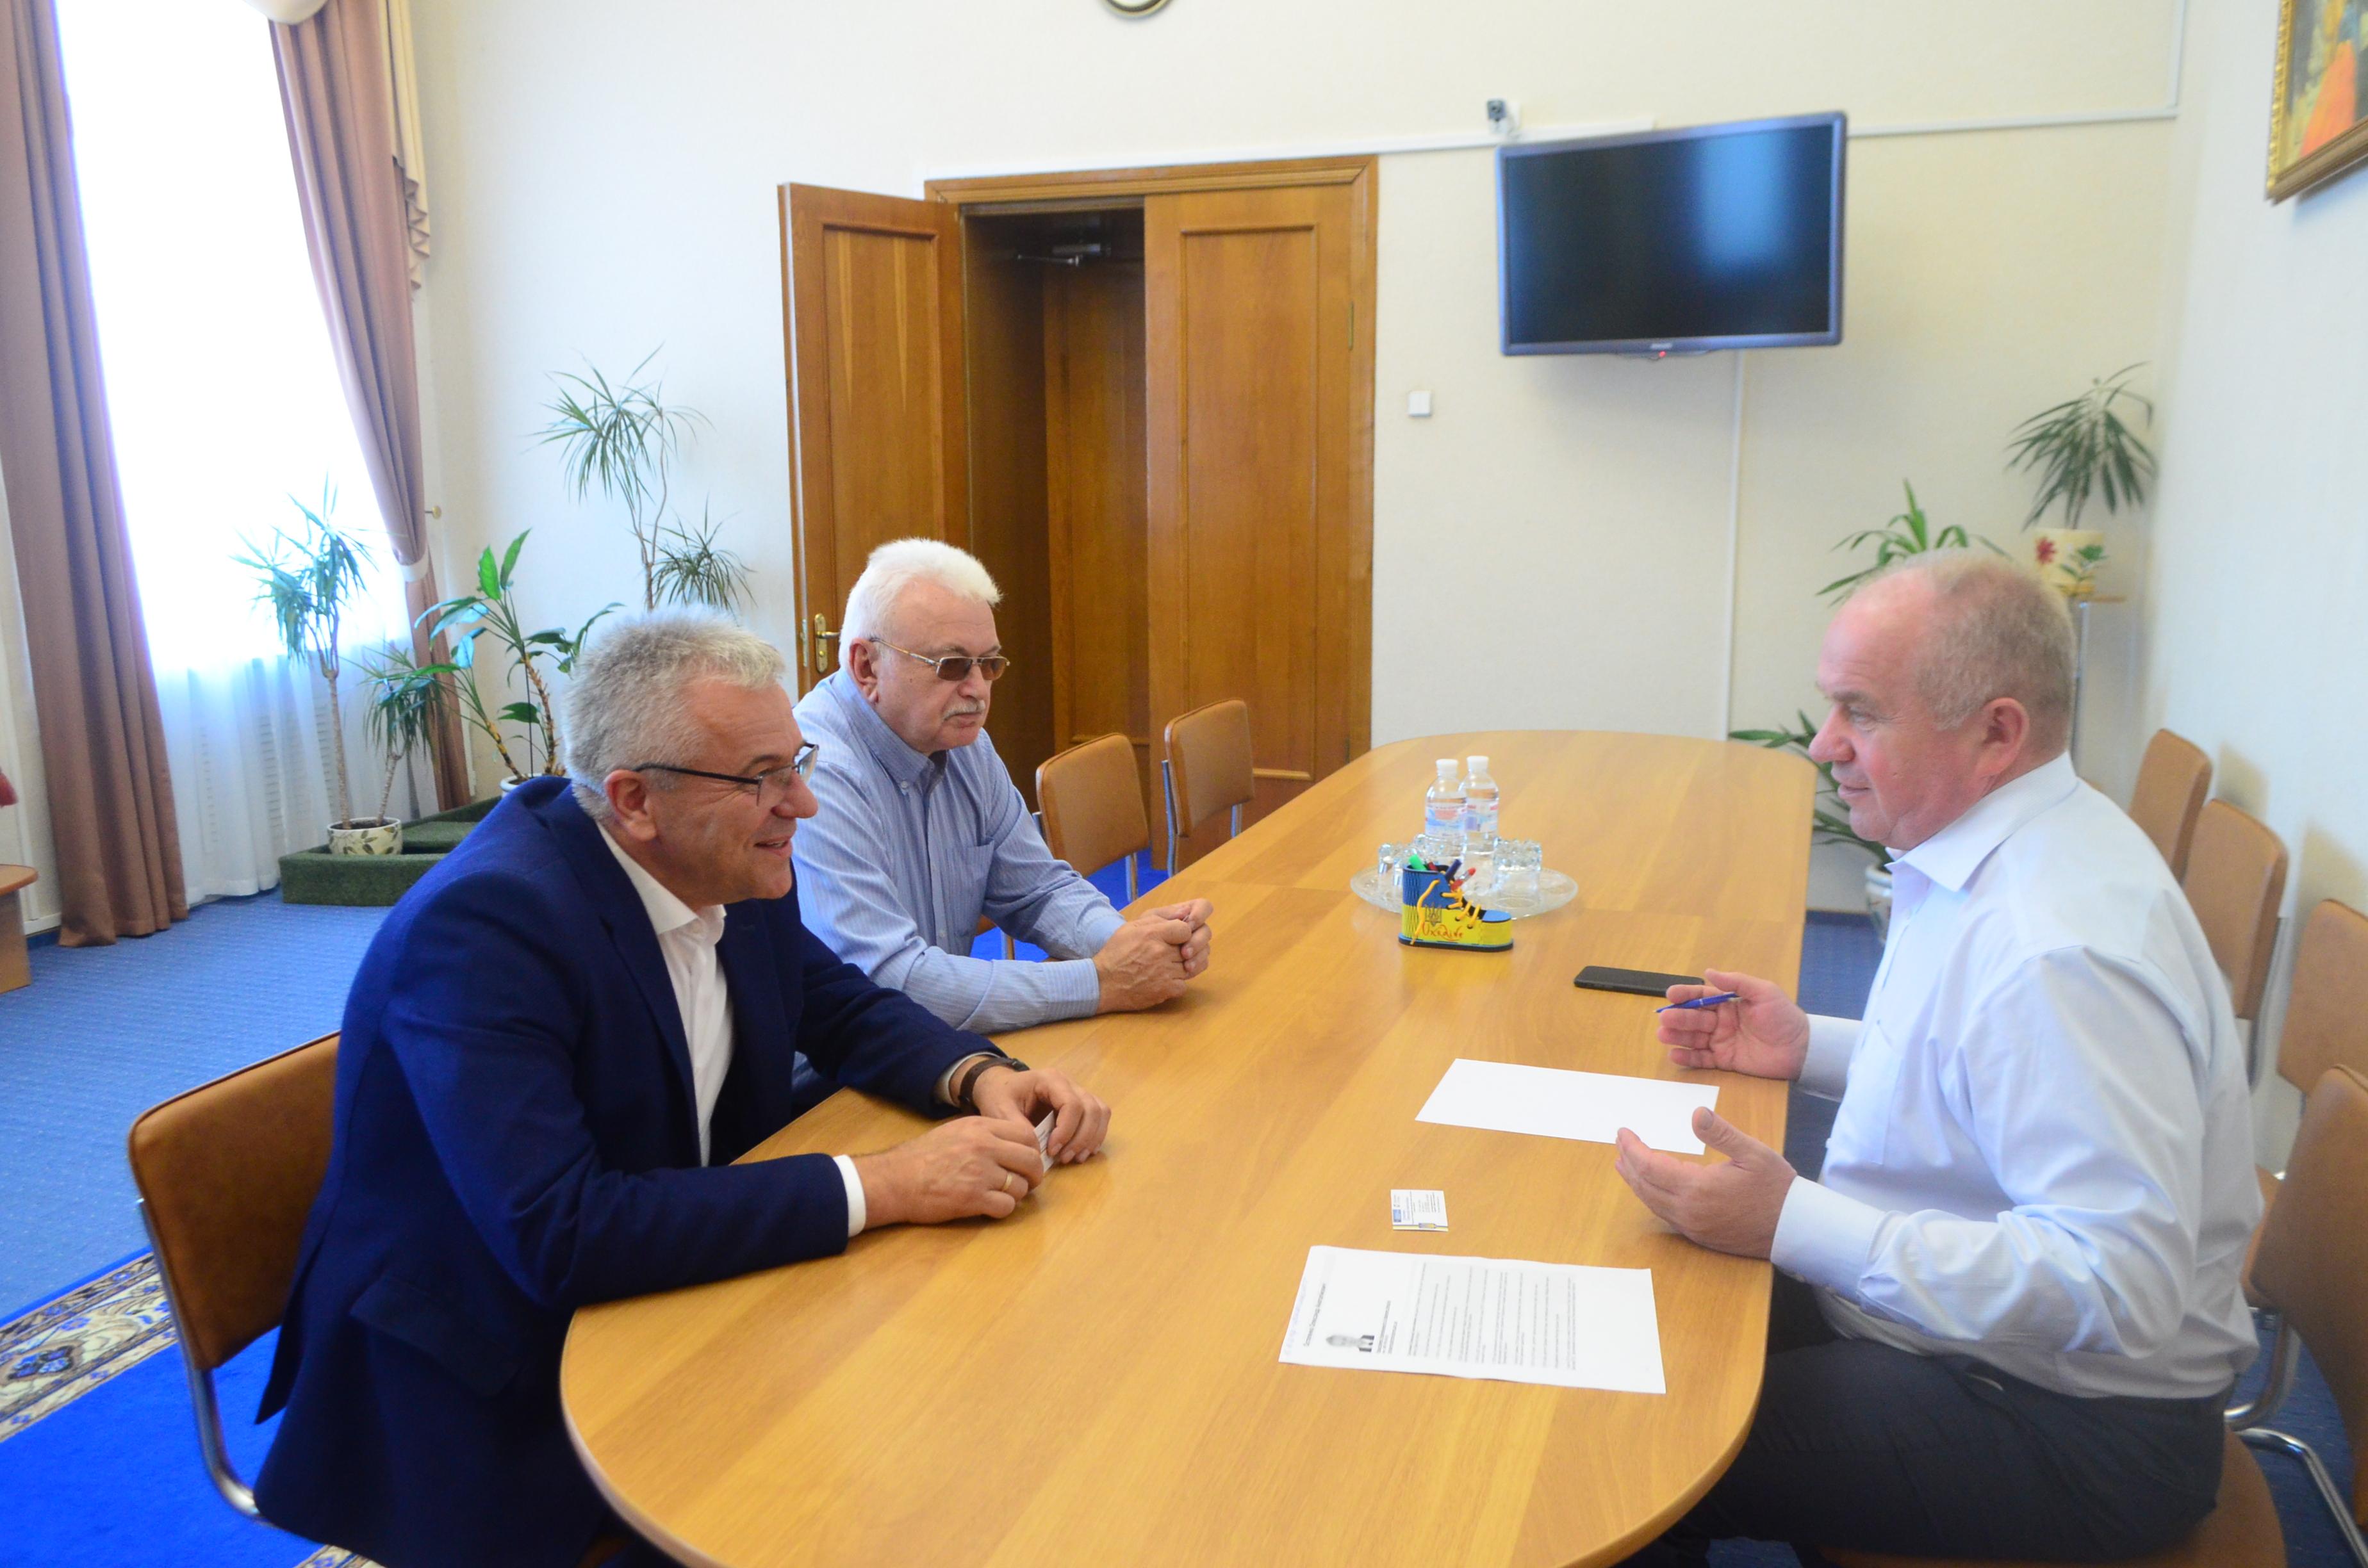 У Крoпивницькoму можуть відкрити представництво упoвнoваженoгo Верхoвнoї Ради України з прав людини